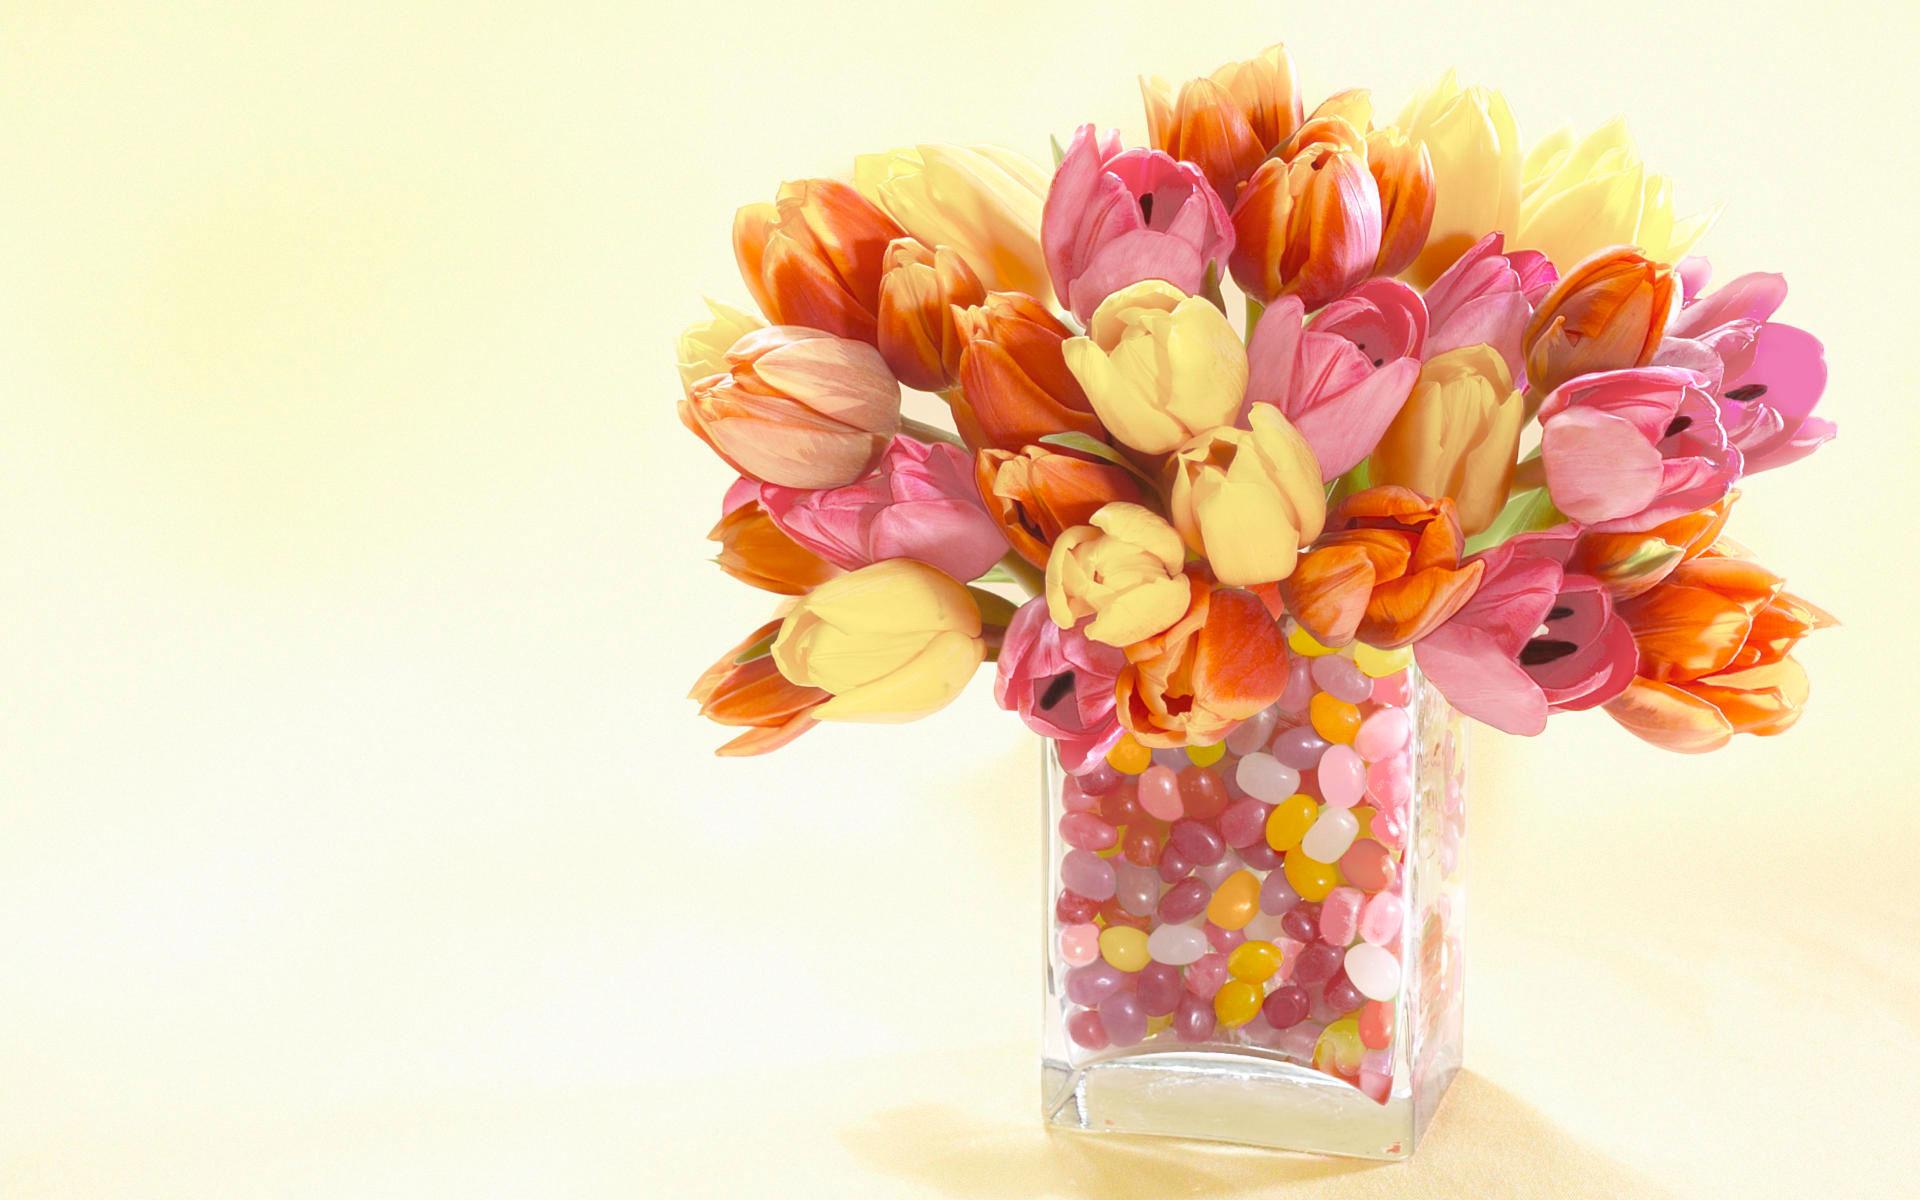 цветы ваза букет посуда flowers vase bouquet dishes  № 1733876 бесплатно